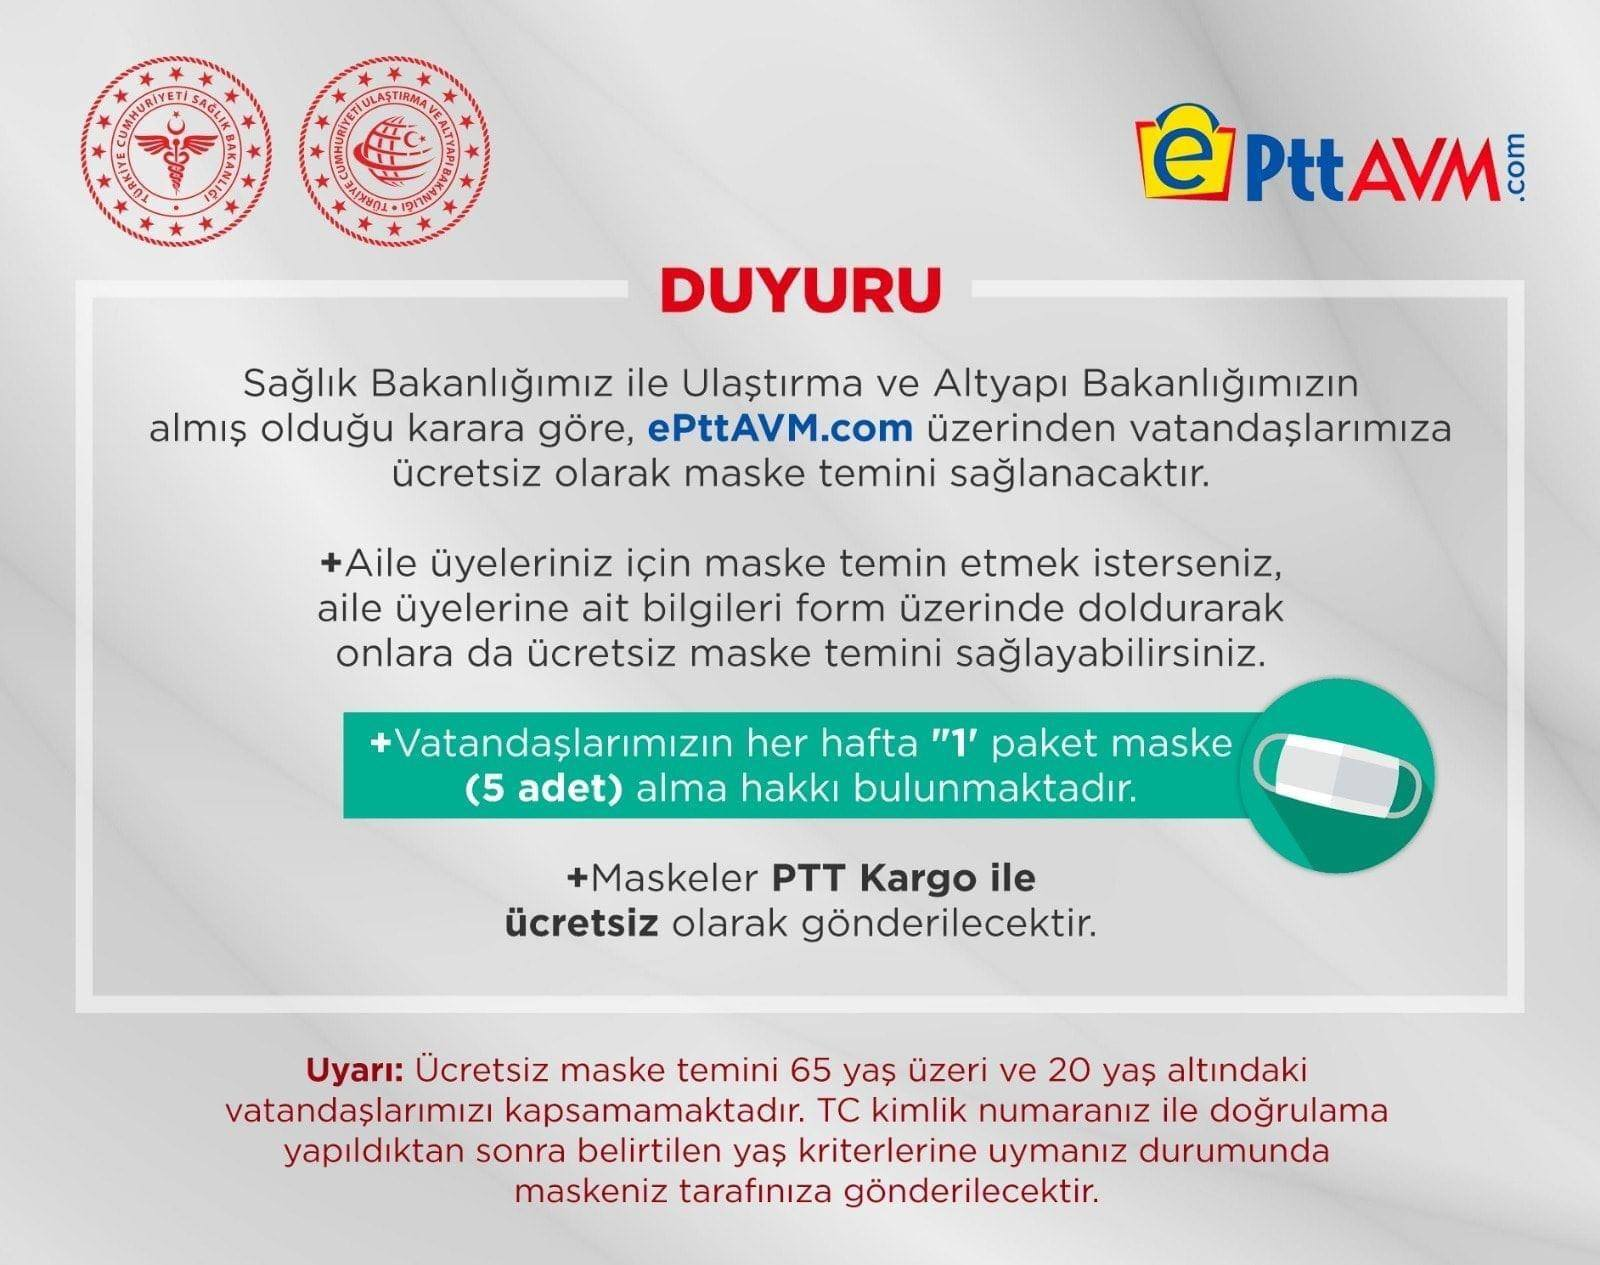 PTT, İnternet Üzerinden Ücretsiz Maske Dağıtımı Yapacak